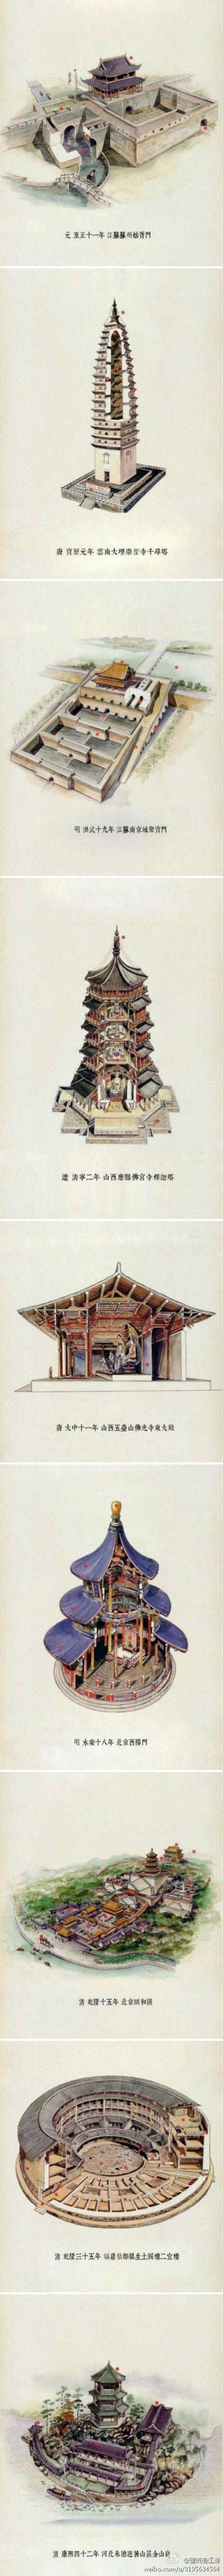 """@建筑设计江湖 #画笔下的中国古建筑#""""中国建筑的外在形式得自孔孟与佛学较多,而空间架构则得自老庄之道较多。儒家强调对称感,道家文化建筑注重因势导形,而佛教建筑与轮回修行紧密联系。说中国建筑缺少变化是很大的误解,中国建筑的变,不在皮相与技巧之变,而是深刻地领悟到万变不离其宗的道理。"""""""